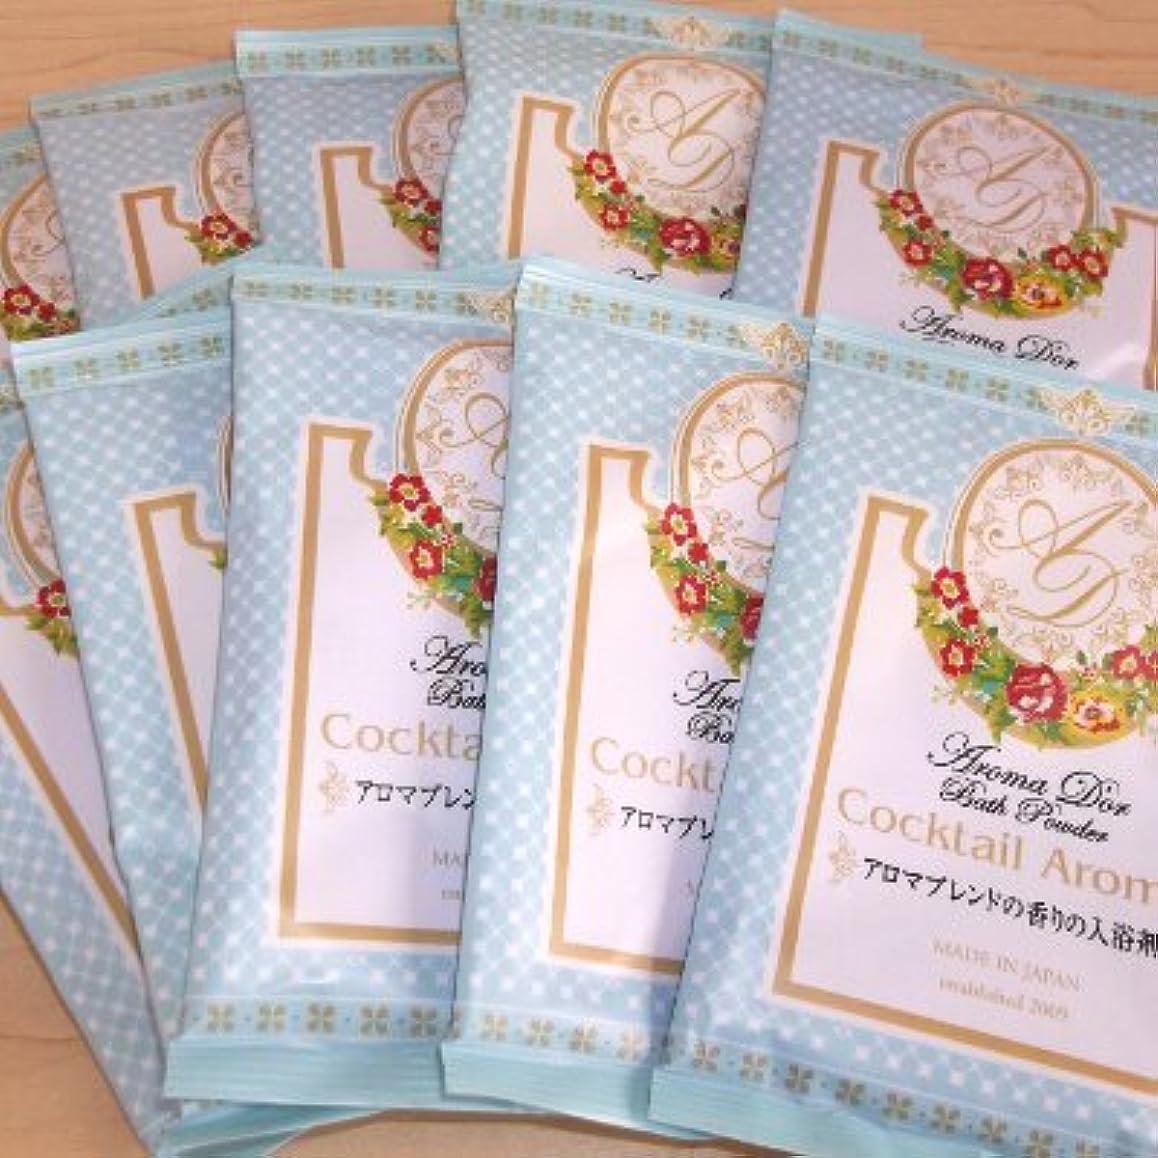 キウイ情熱的国アロマドール アロマブレンドの香り 10包セット